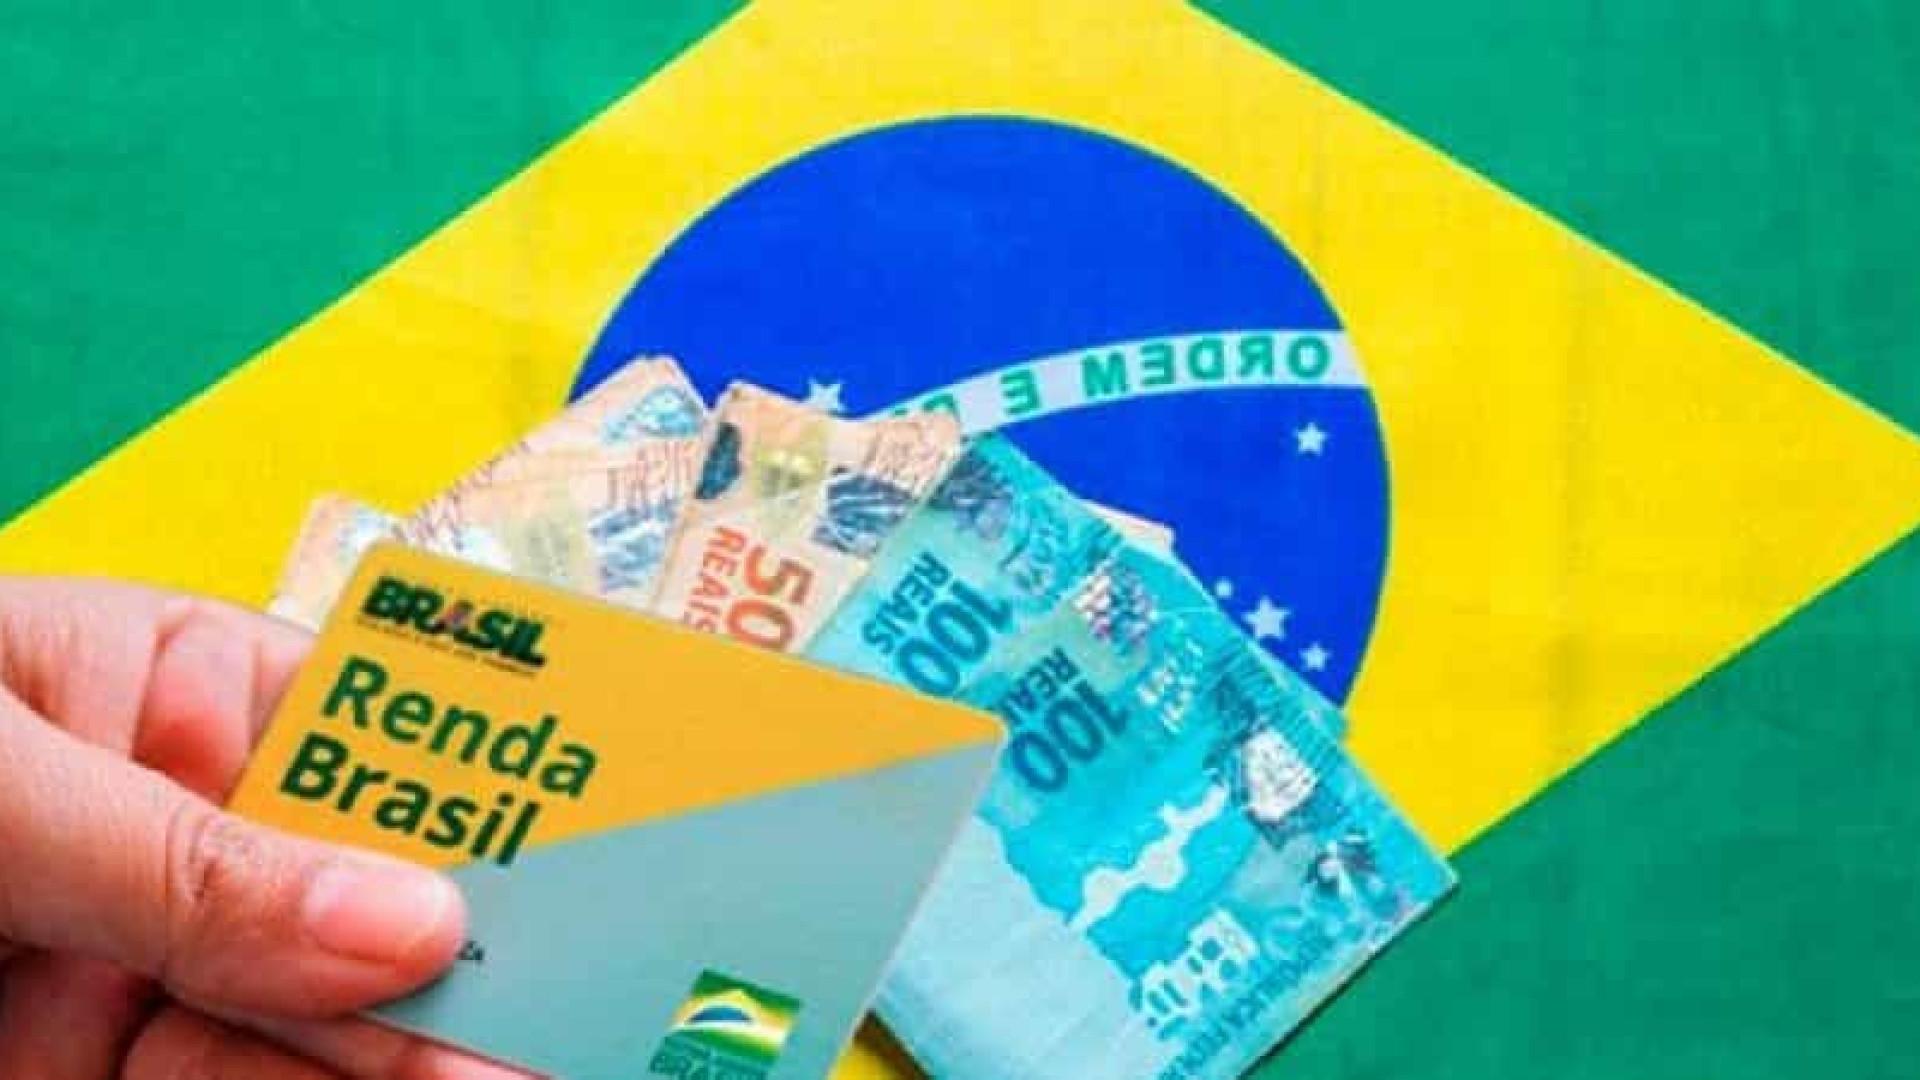 Renda Brasil deve propor que empresas doem recursos a famílias carentes